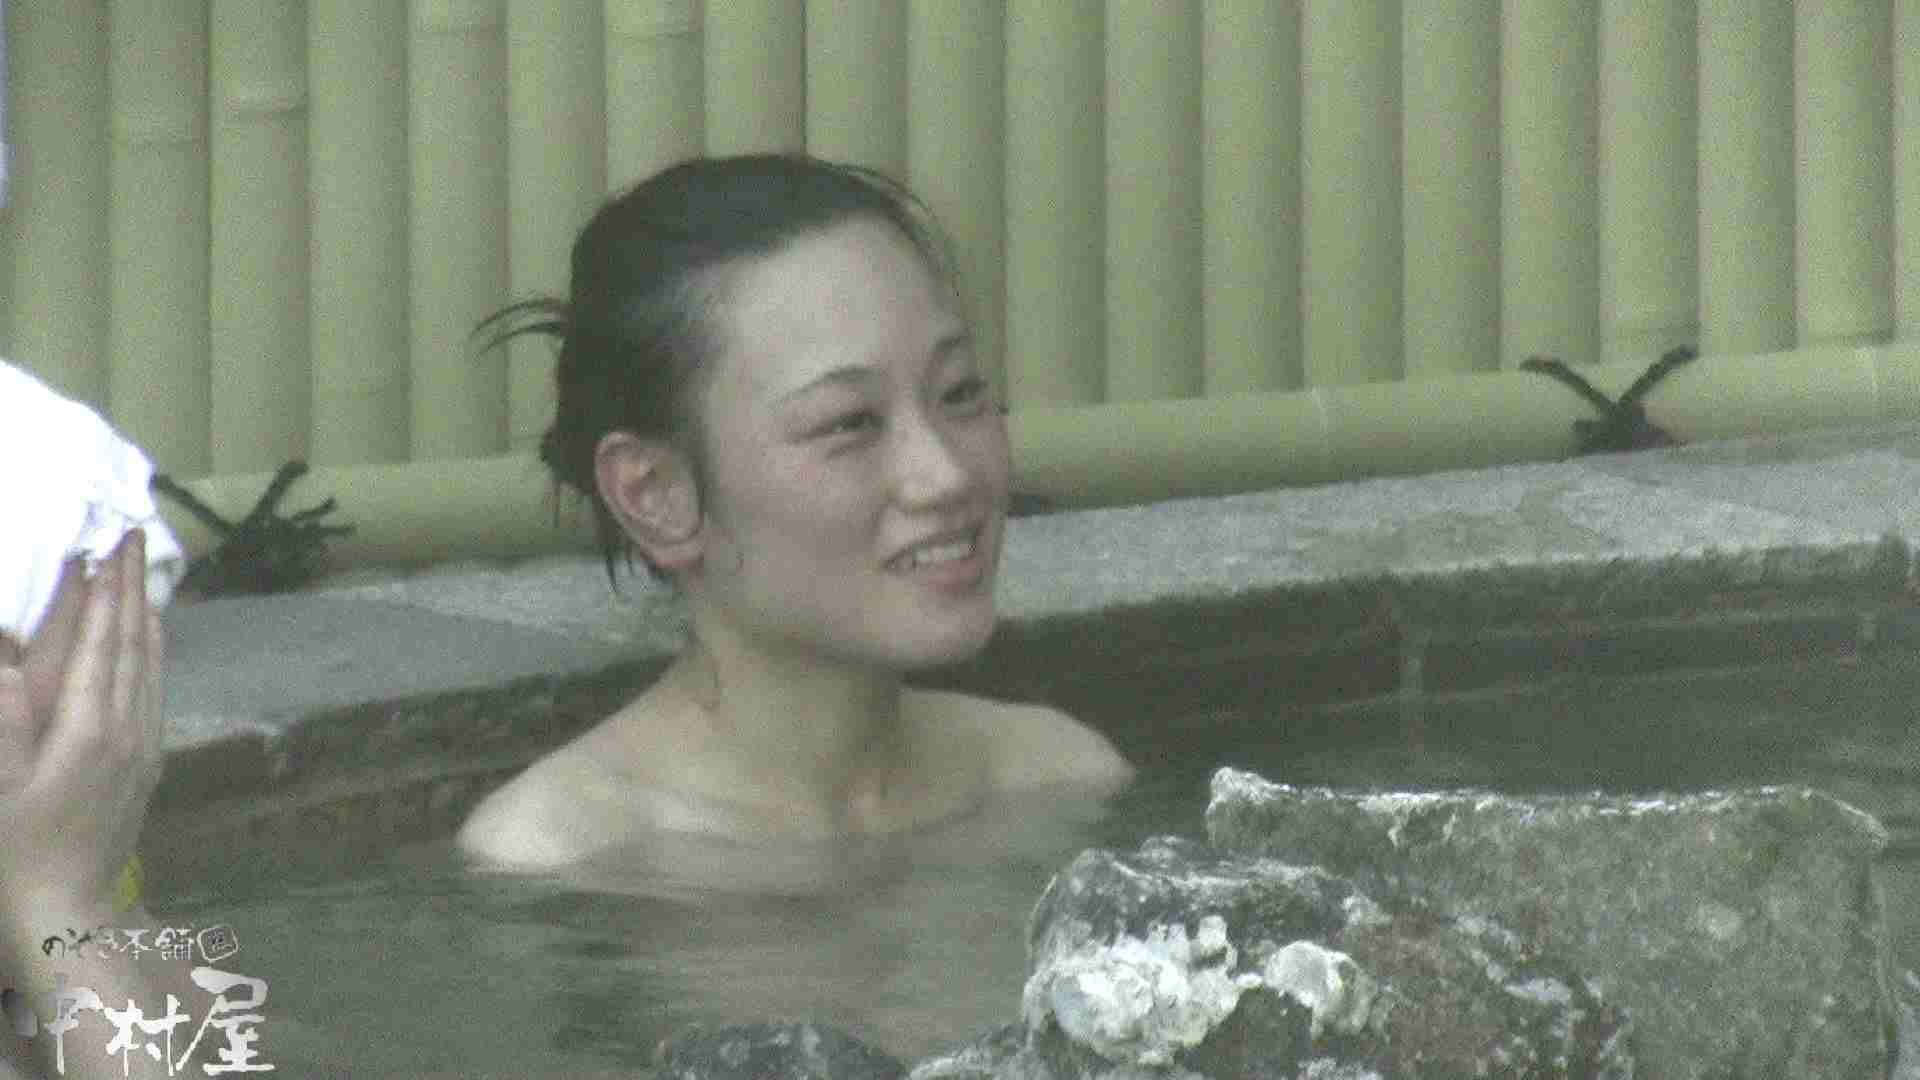 Aquaな露天風呂Vol.914 露天 | 盗撮  98pic 72